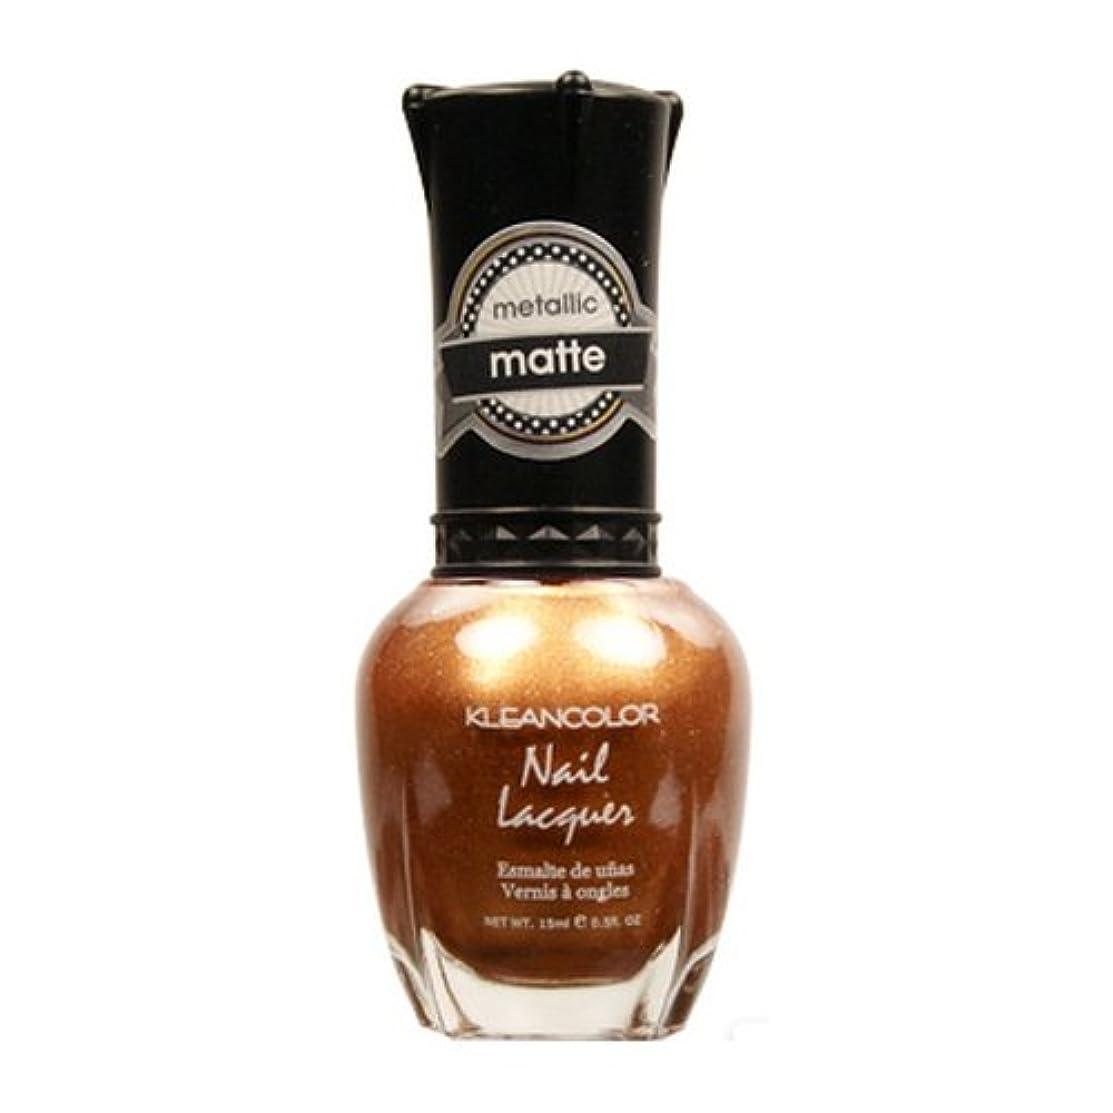 ボタン少なくともラリーベルモント(3 Pack) KLEANCOLOR Matte Nail Lacquer - Life in Gold Castle (並行輸入品)